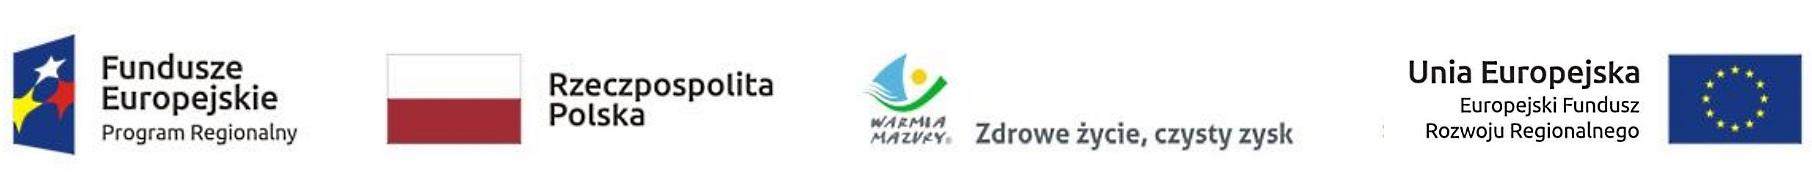 https://m.powiatszczycienski.pl/2020/06/orig/logotypy-na-umowe-32320.jpg